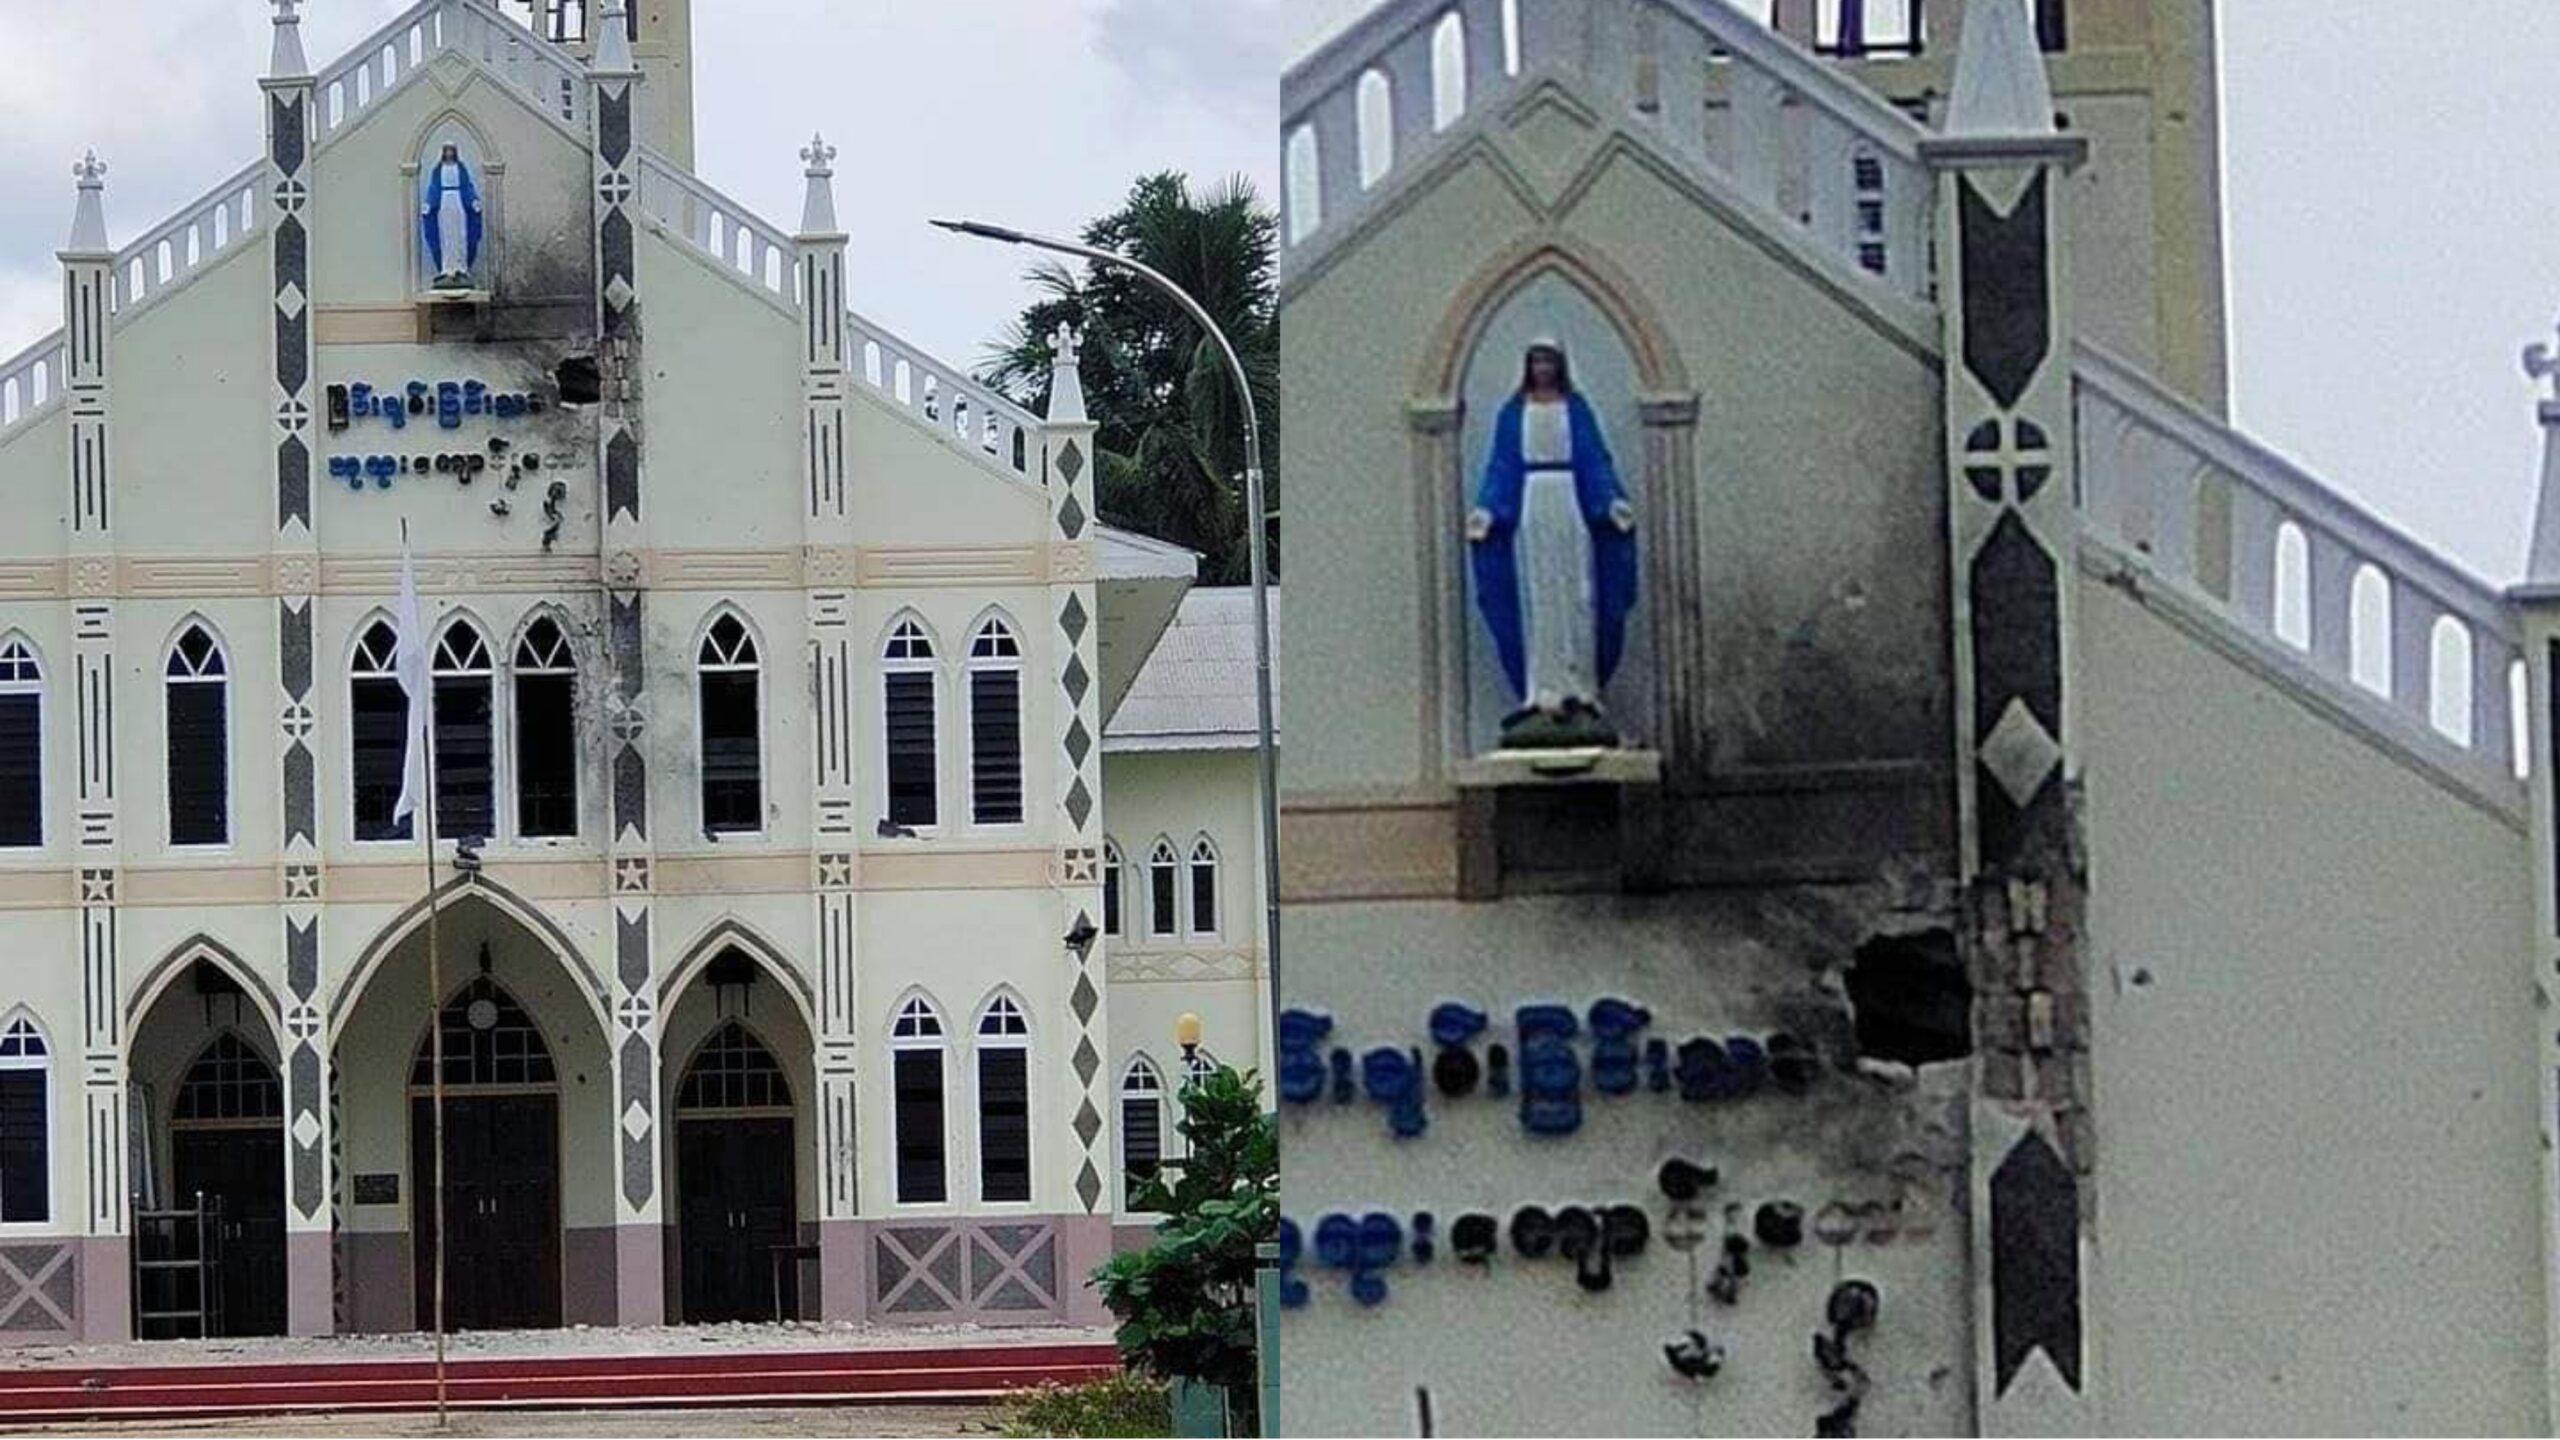 ဘာသာရေးအဆောက်အအုံတွေမချန် ဖျက်ဆီးတိုက်ခိုက်နေတဲ့ စစ်အုပ်စု